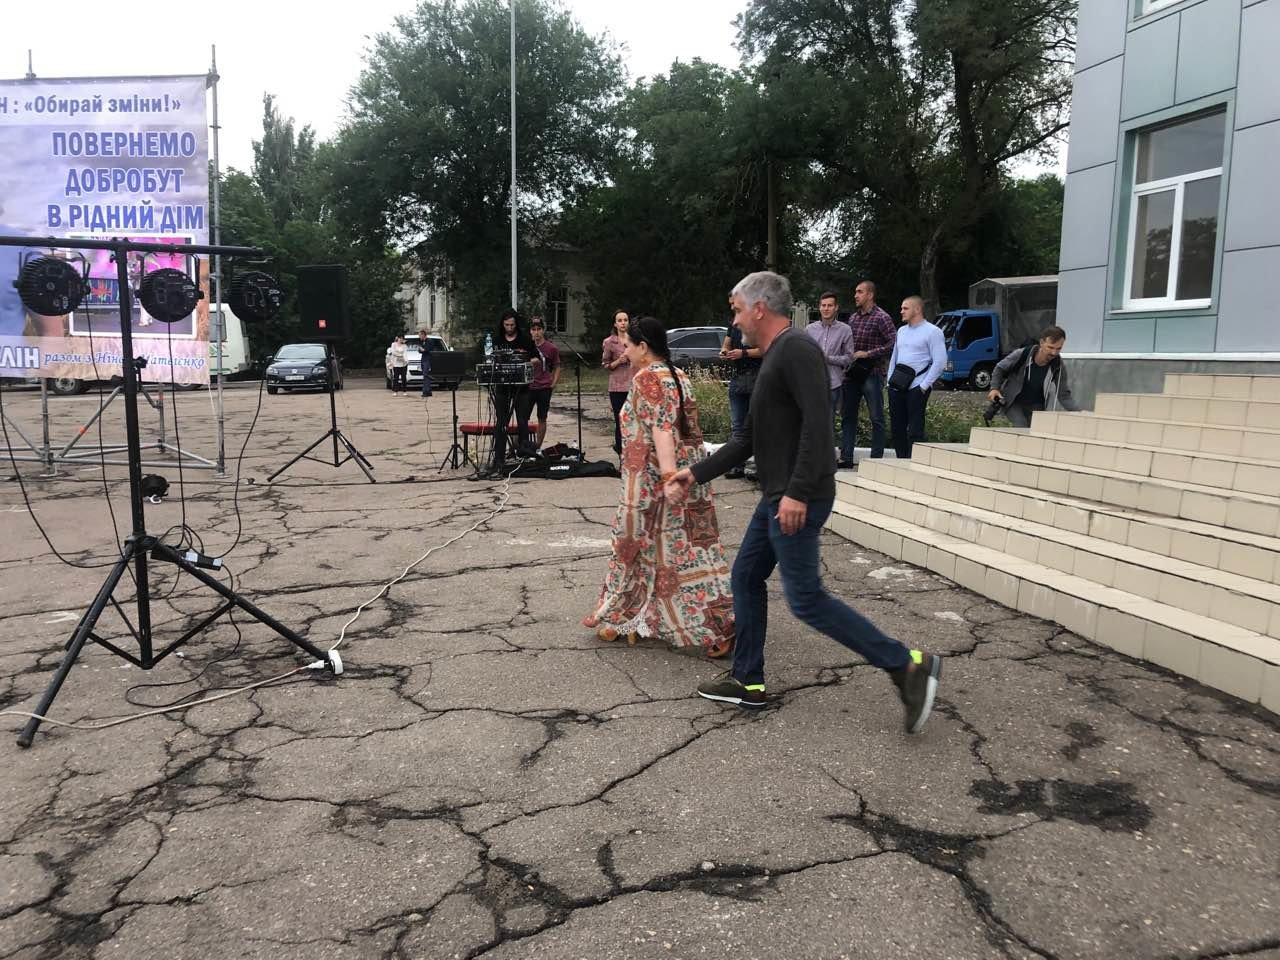 Ніна Матвієнко в Андріївці: ми - господарі на нашій землі, і зміни залежать від кожного з нас, фото-4